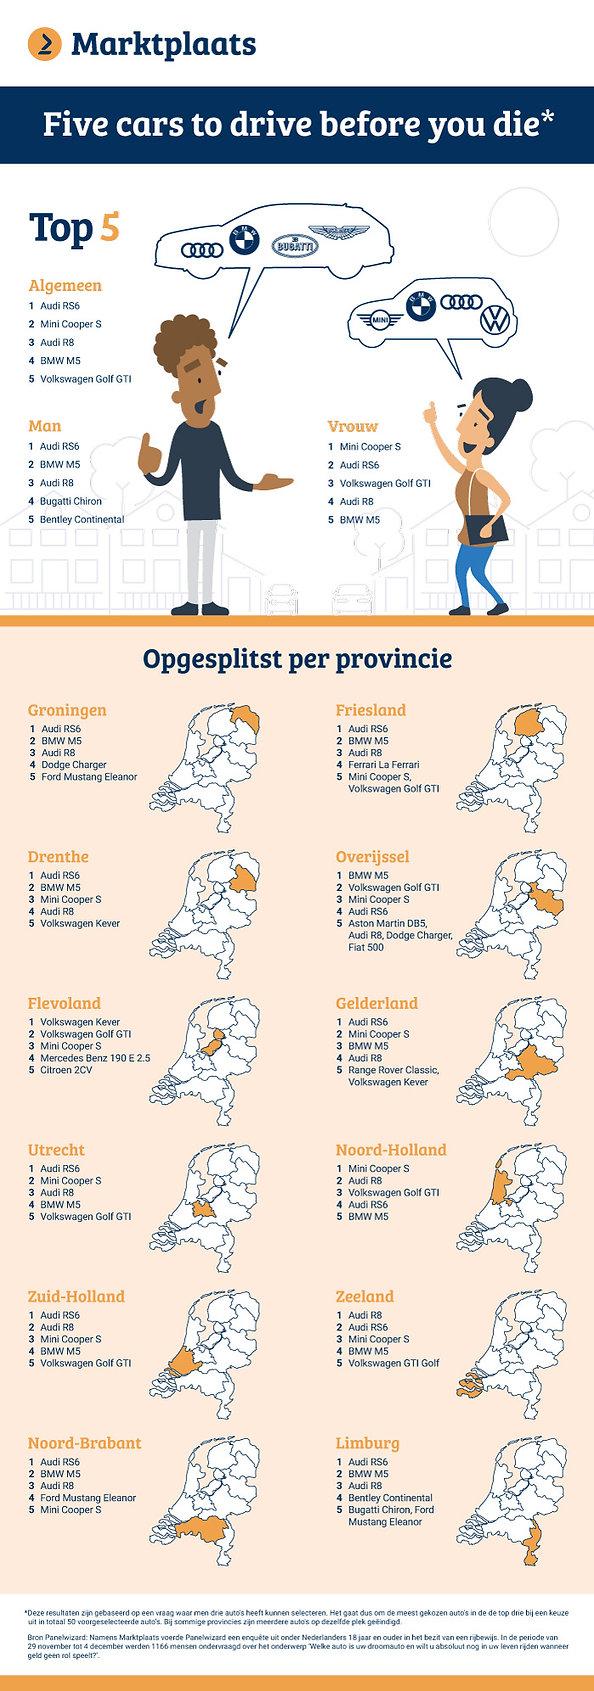 Work-Prev-Marktplaats-Infographic-02.jpg